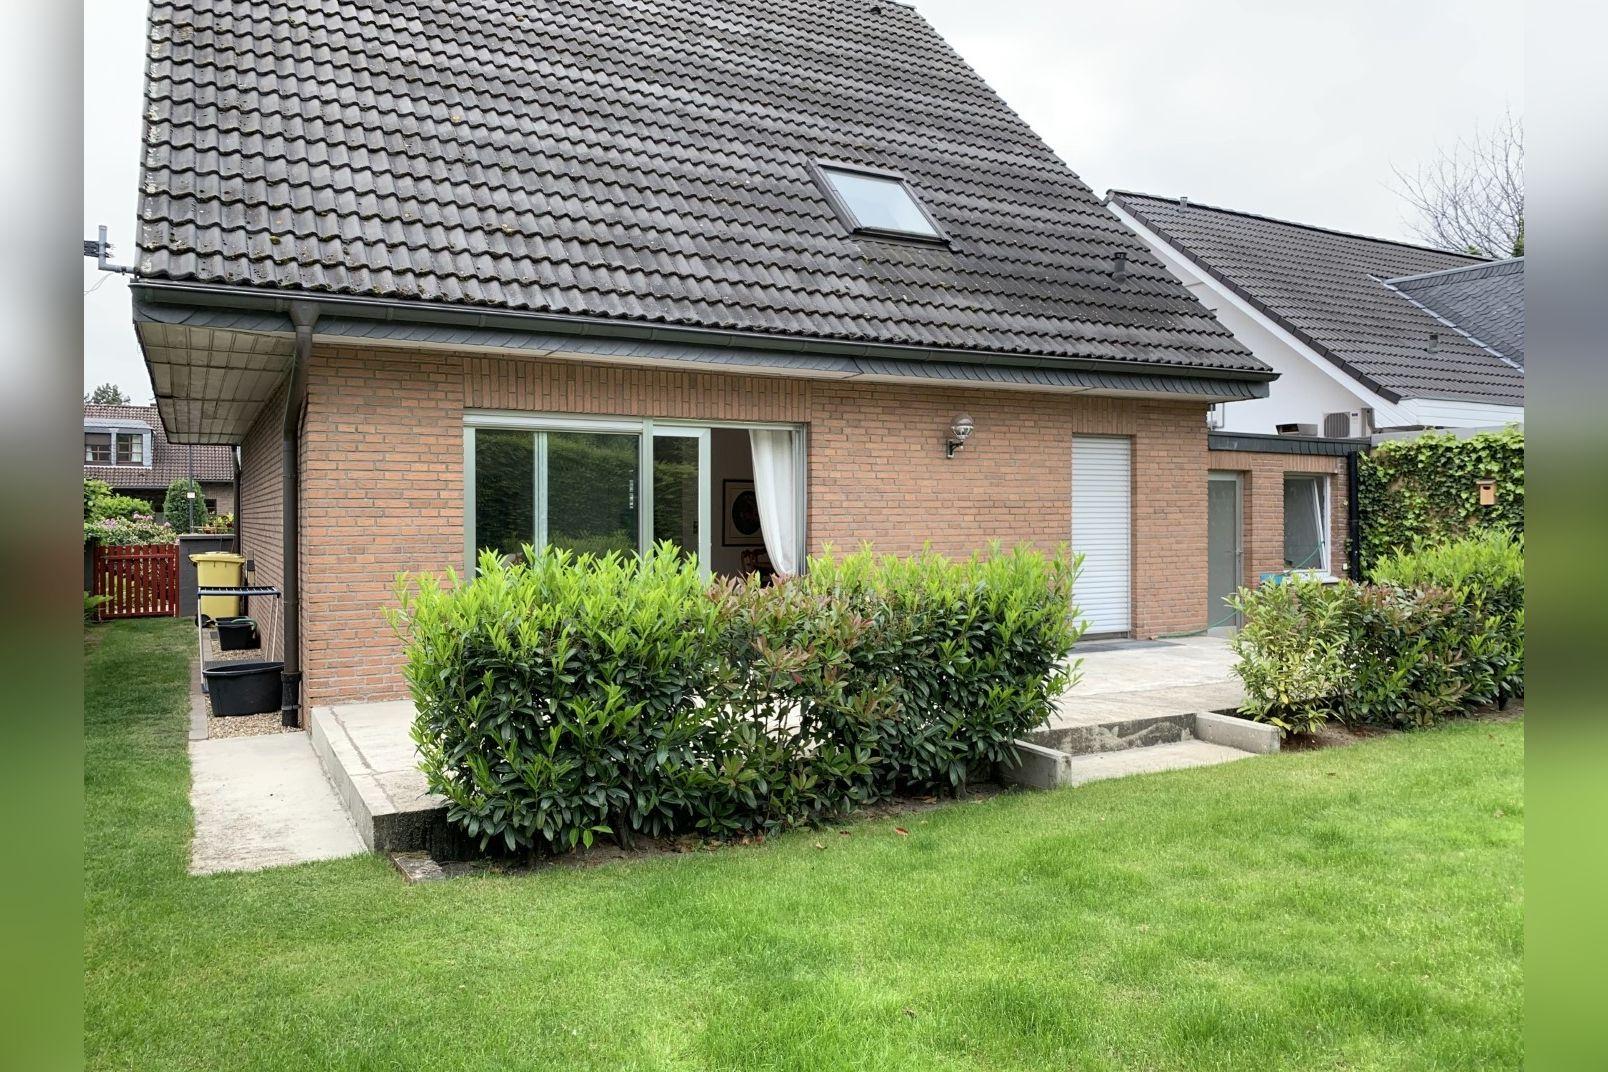 Immobilie Nr.0260 - Einfamilienhaus, zum 2-FH erweiterbar. Spitzboden als zusätzl. Ausbaureserve - Bild 5.jpg